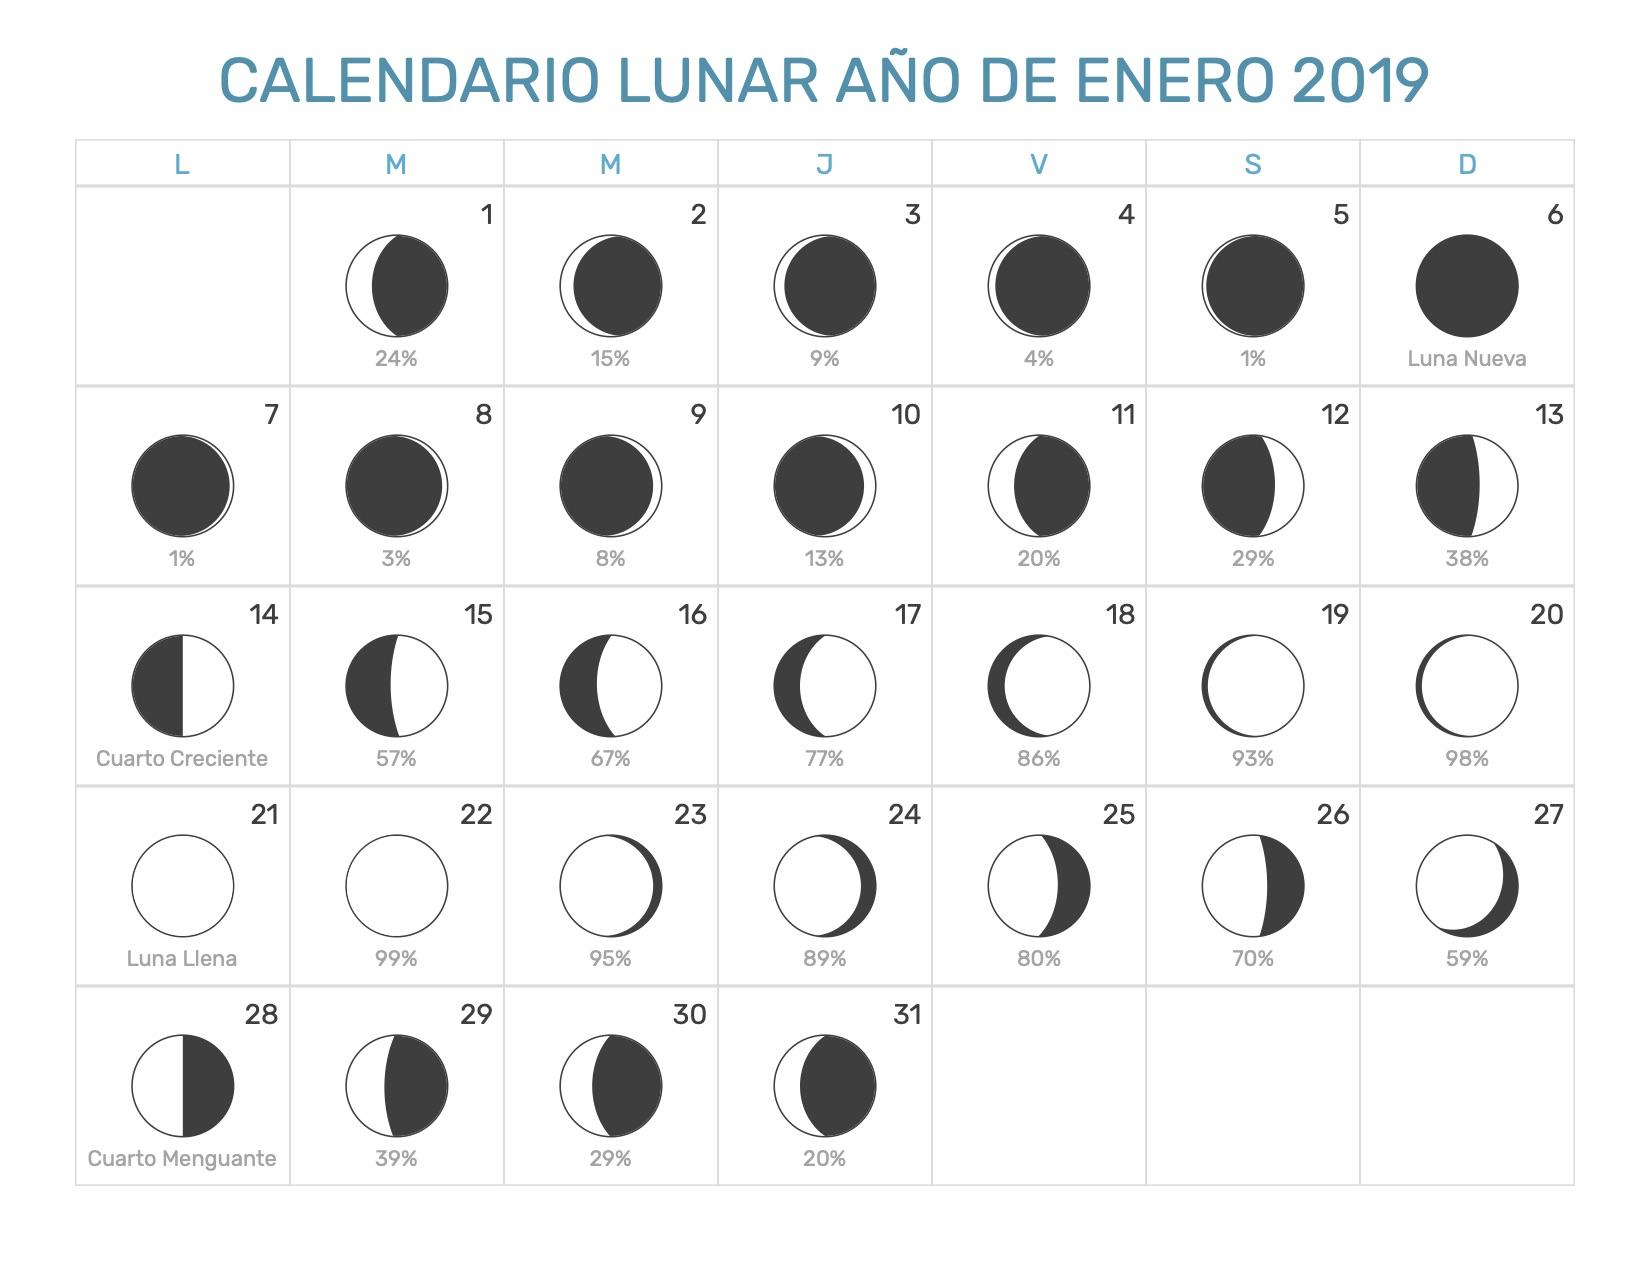 Calendario Lunar Enero Año 2019 Fases Lunares